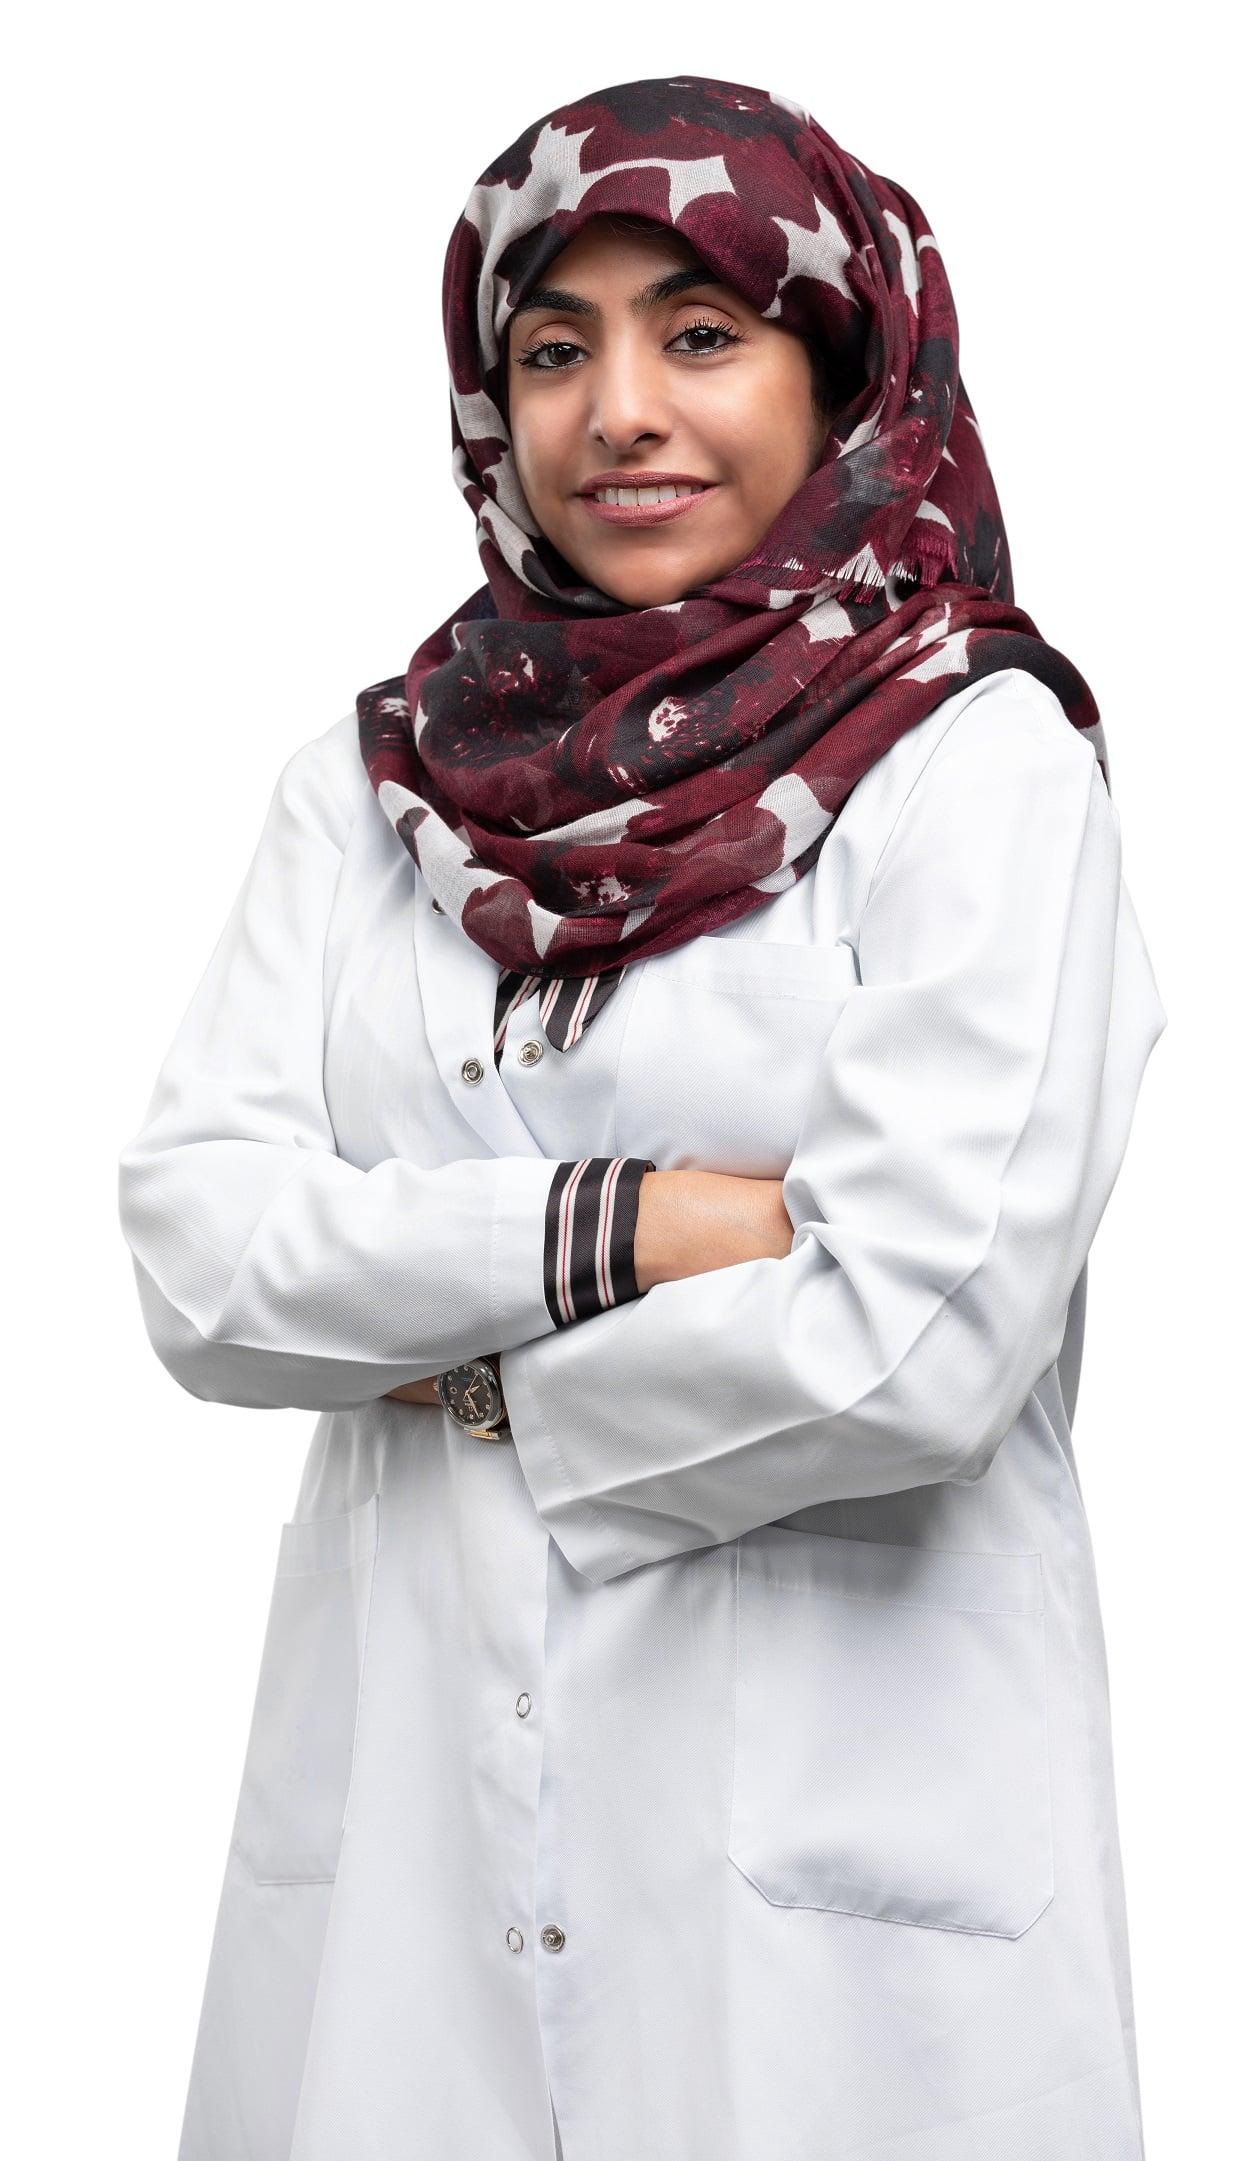 Dr. Nahed Balalaa